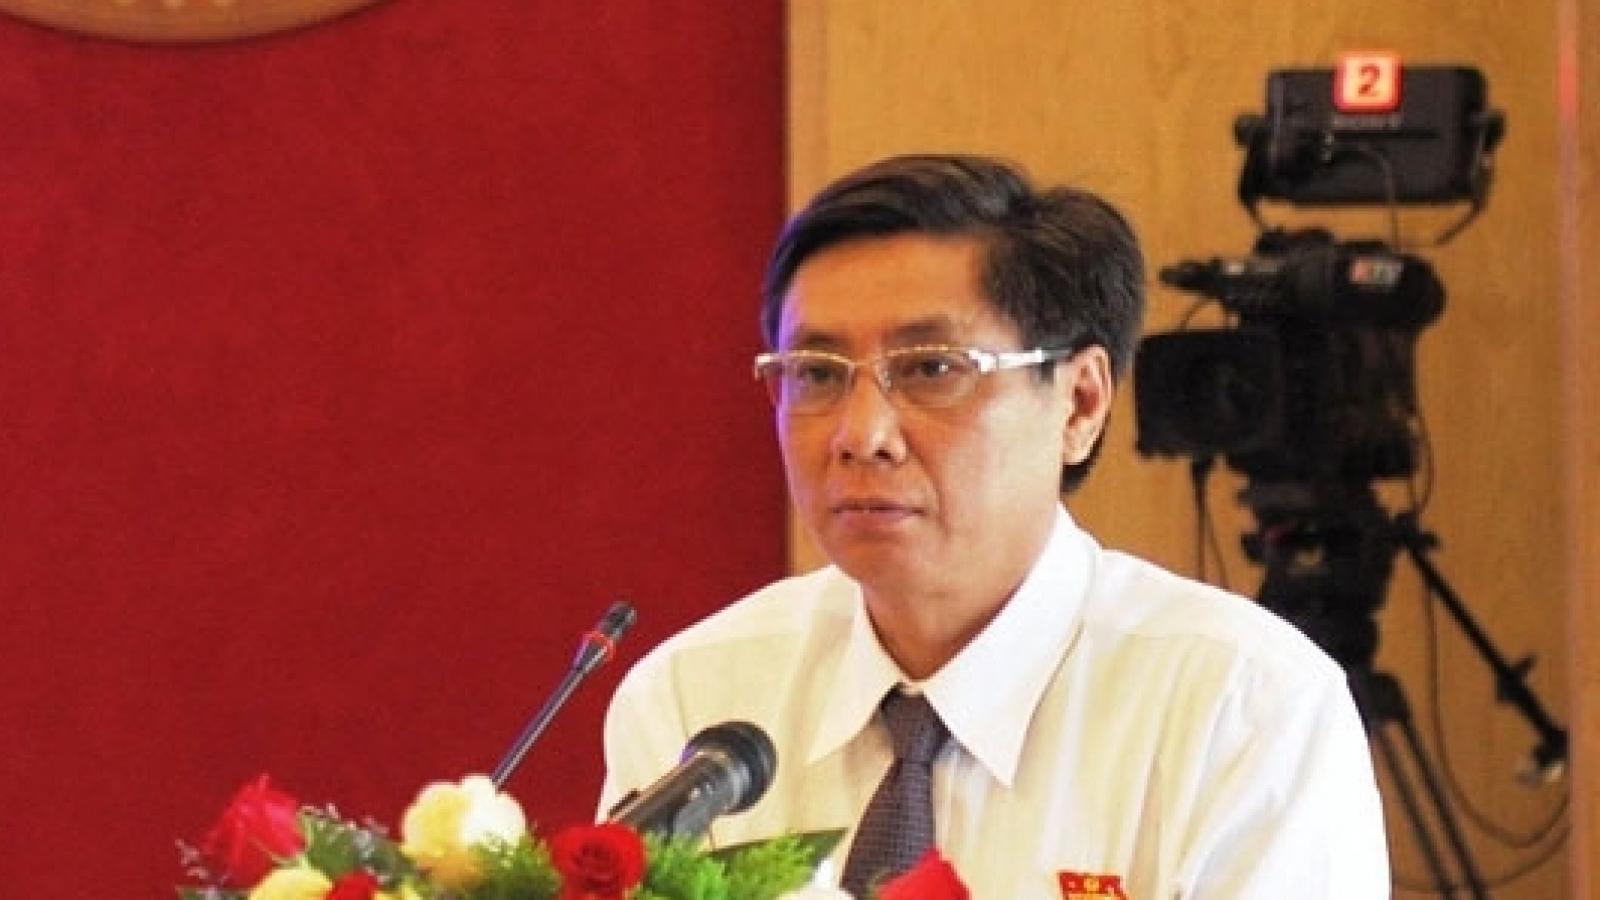 Hai cựu Chủ tịch tỉnh Khánh Hòa bị khởi tố, bắt tạm giam vì sai phạm đất đai